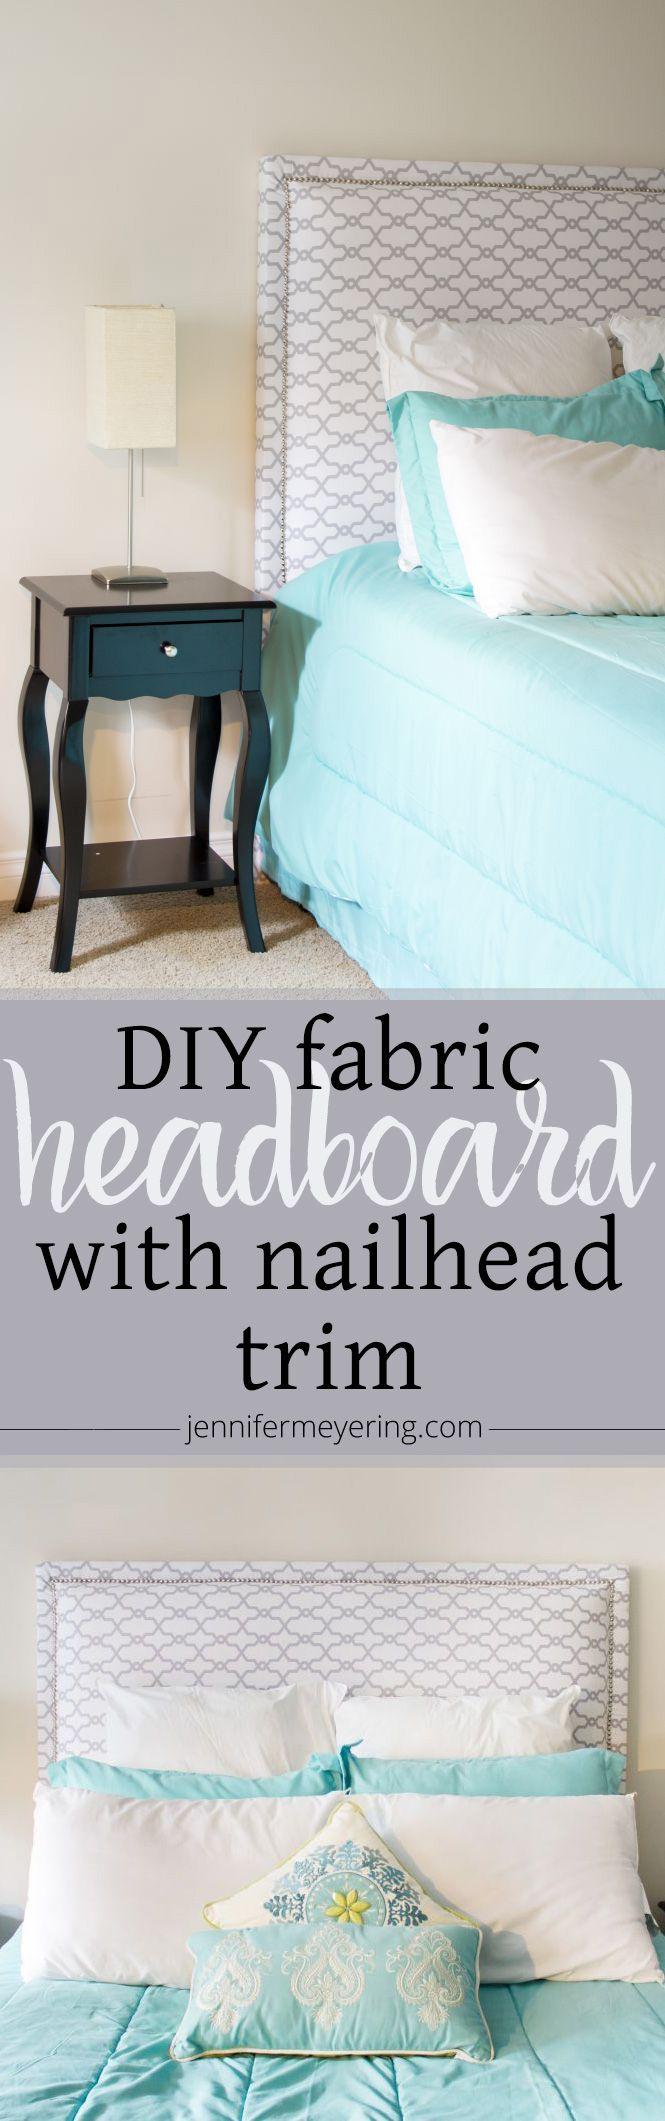 Fabric Headboard with Nailhead Trim -- JenniferMeyering ...